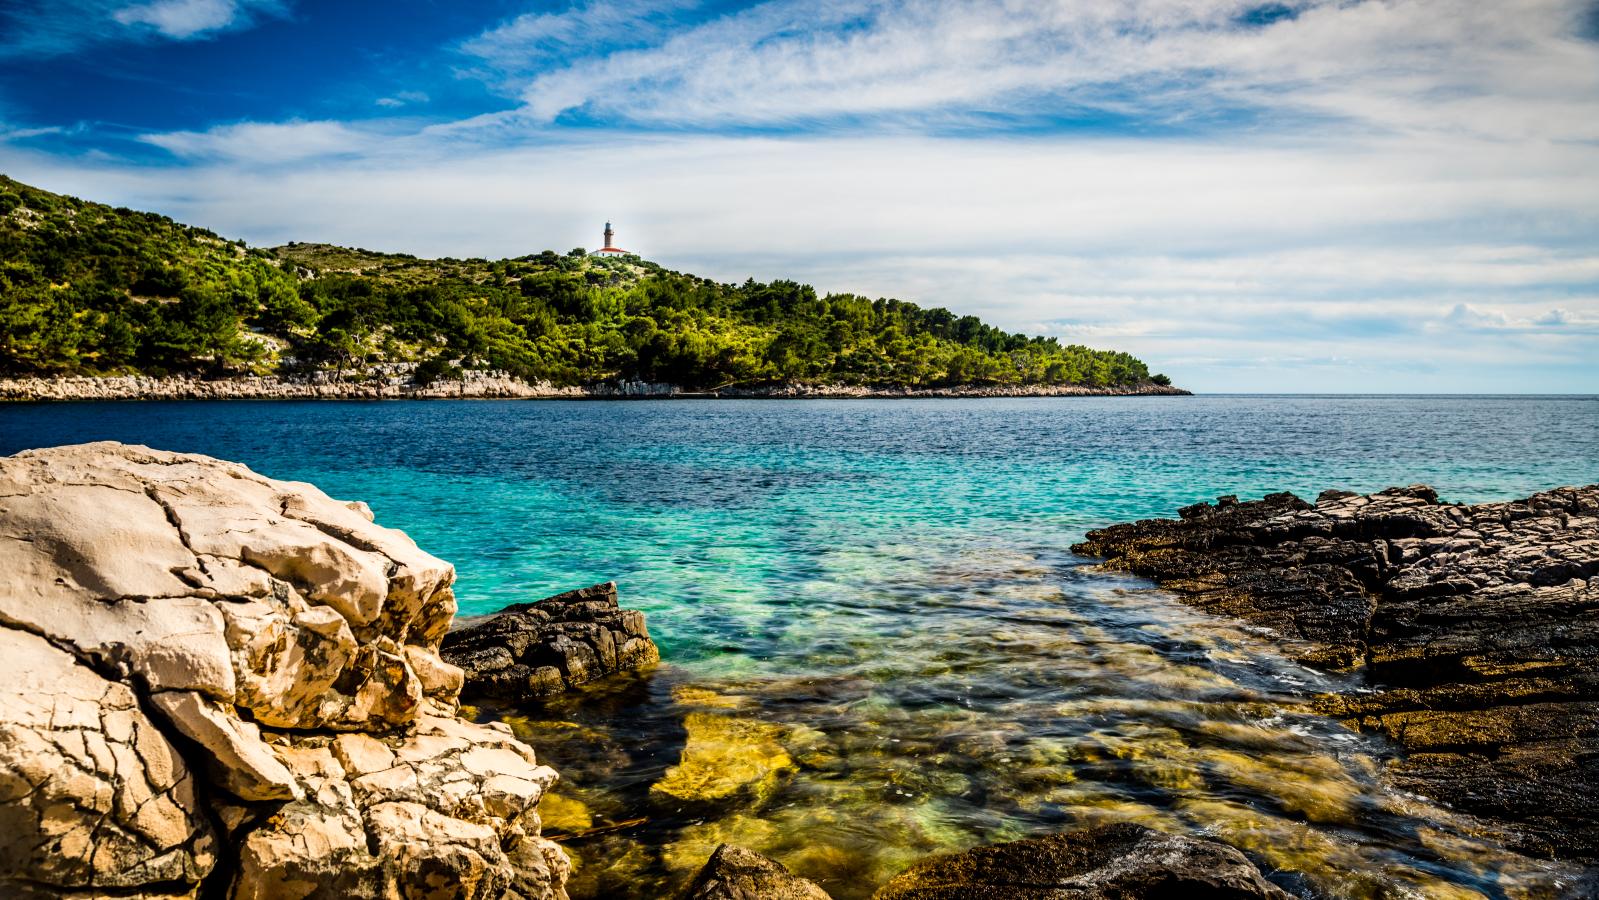 """Održivi razvoj otoka i neodrživa politika: Otočani trebaju """"pozitivnu diskriminaciju""""…"""